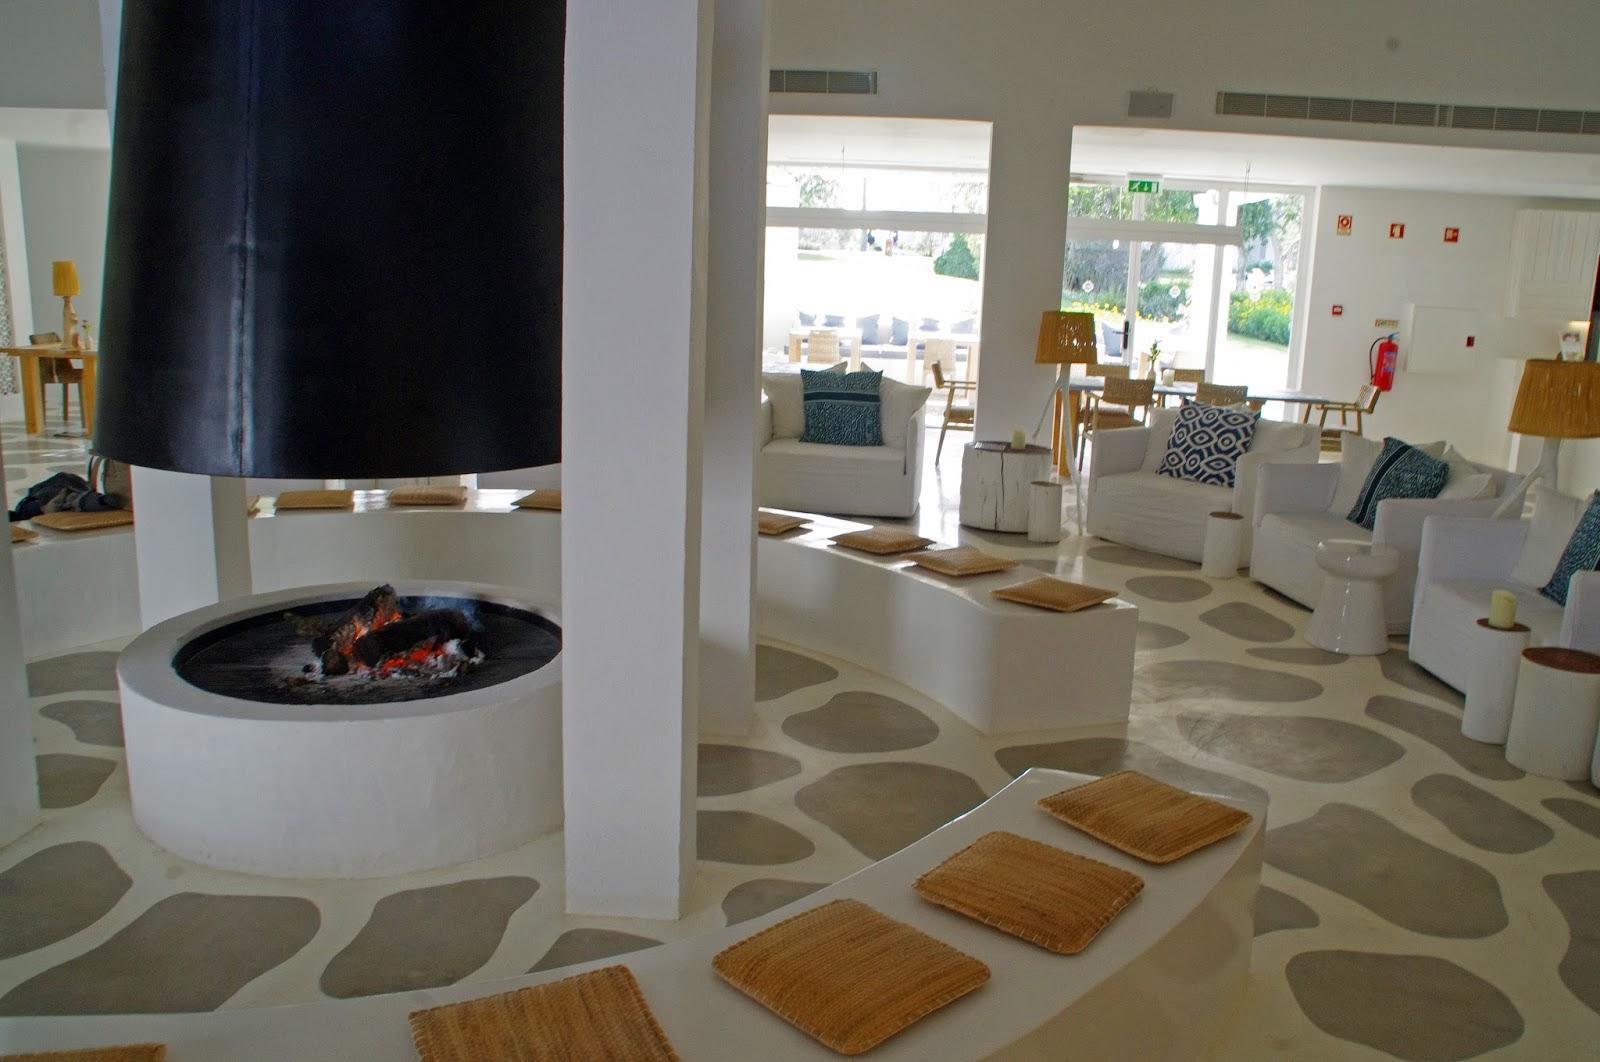 Vila Monte Farm House Lobby and Reception